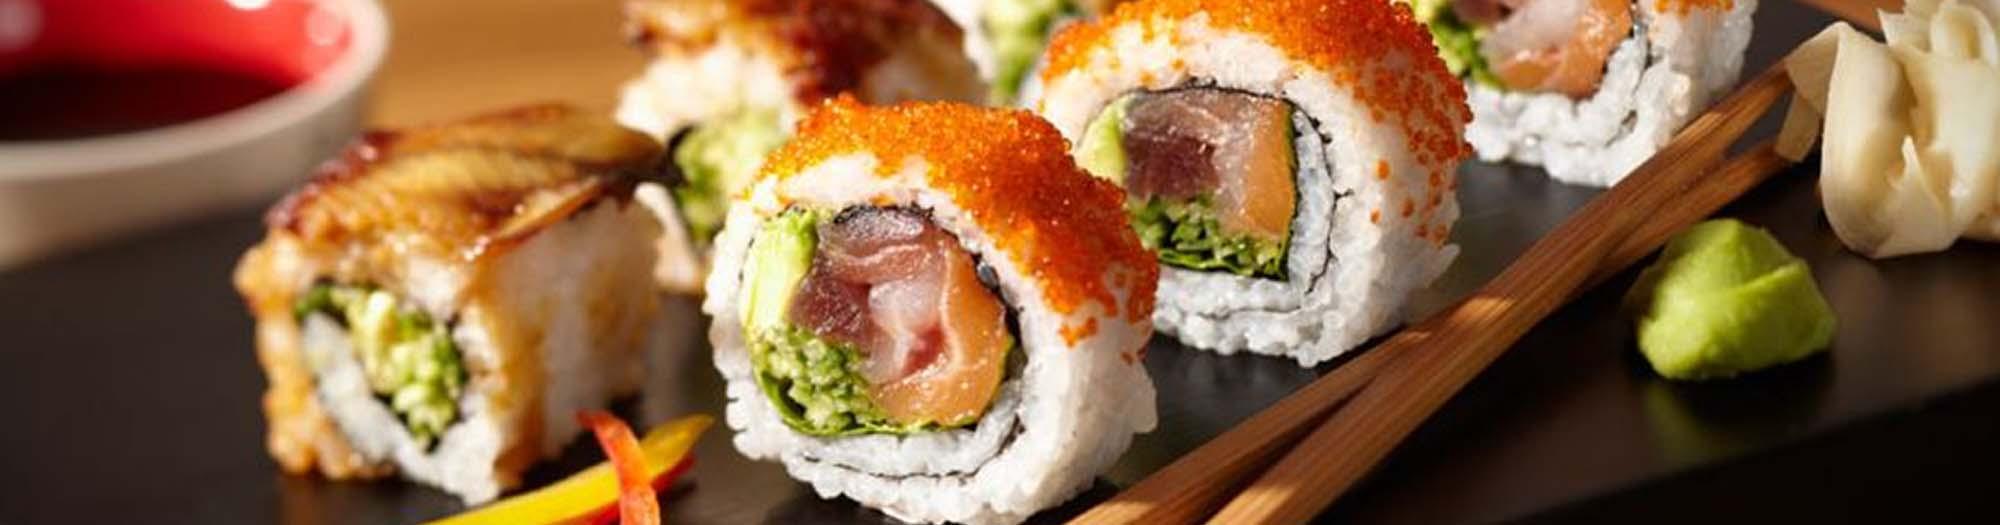 Overige vis delicatessen